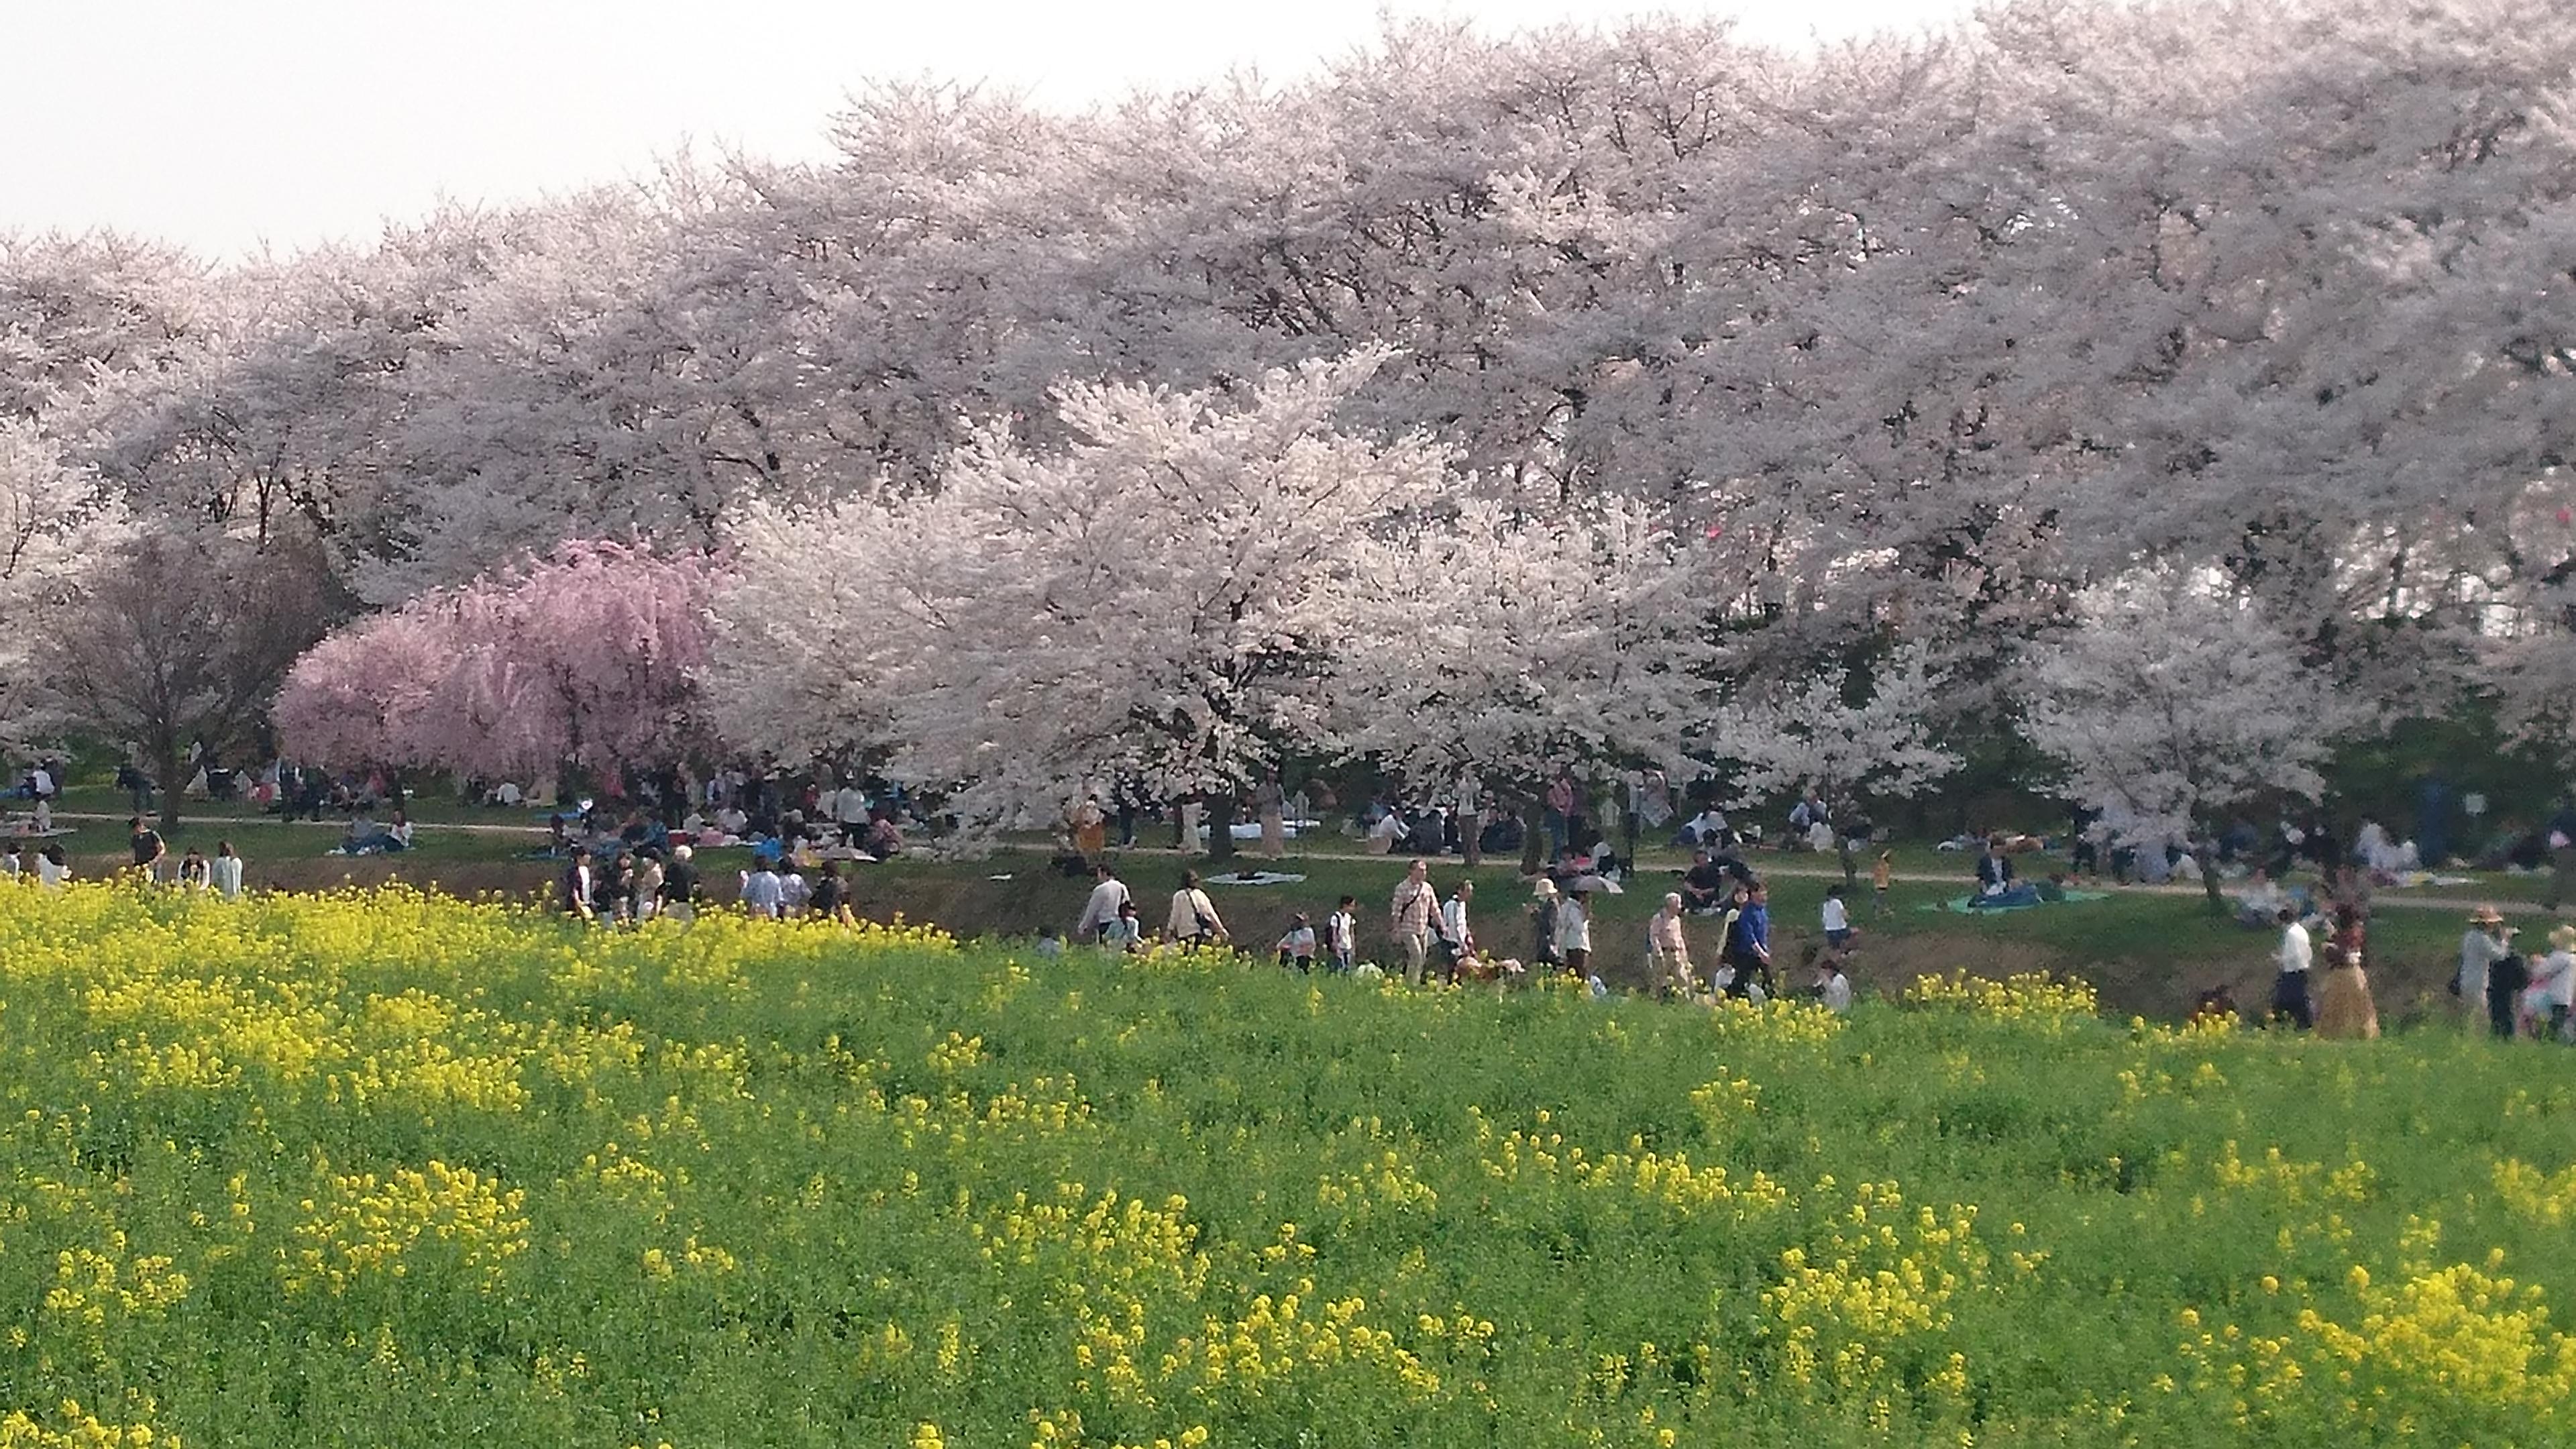 幸手権現堂堤2019年桜の見頃はいつ?地元民が教える駐車場状況と花見のコツ!